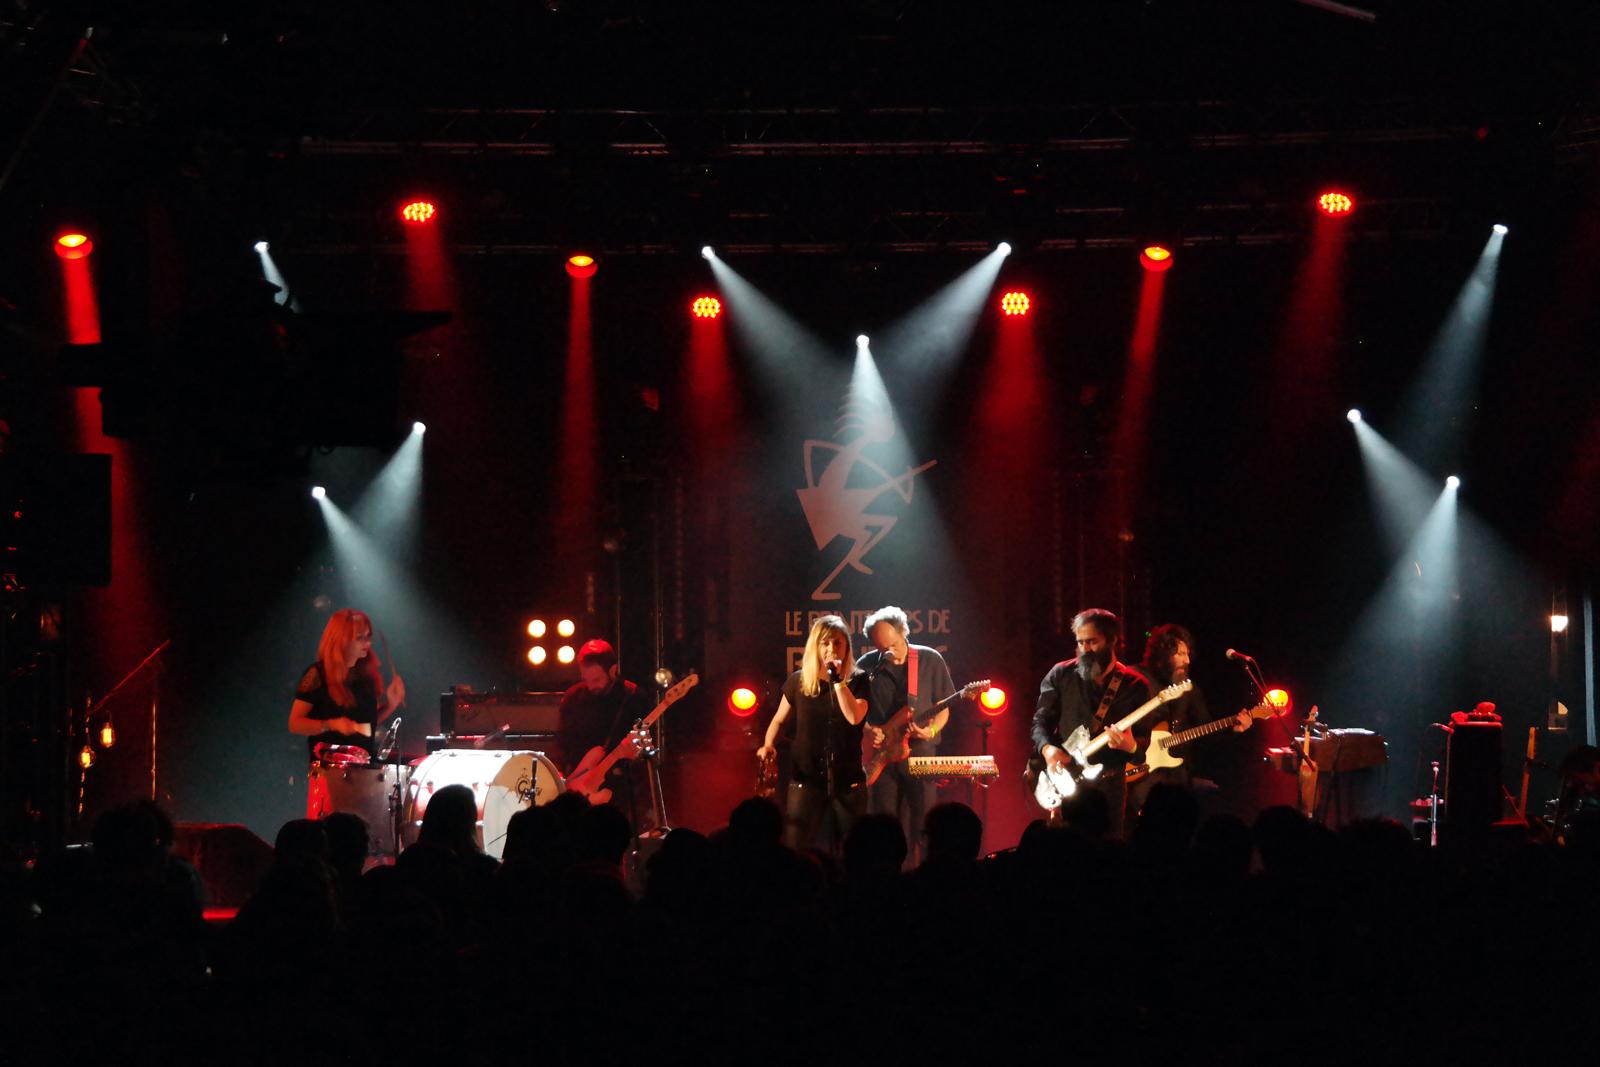 Groupe The Limininas live concert printemps de bourges 2016 musique festival photo scène usofparis blog